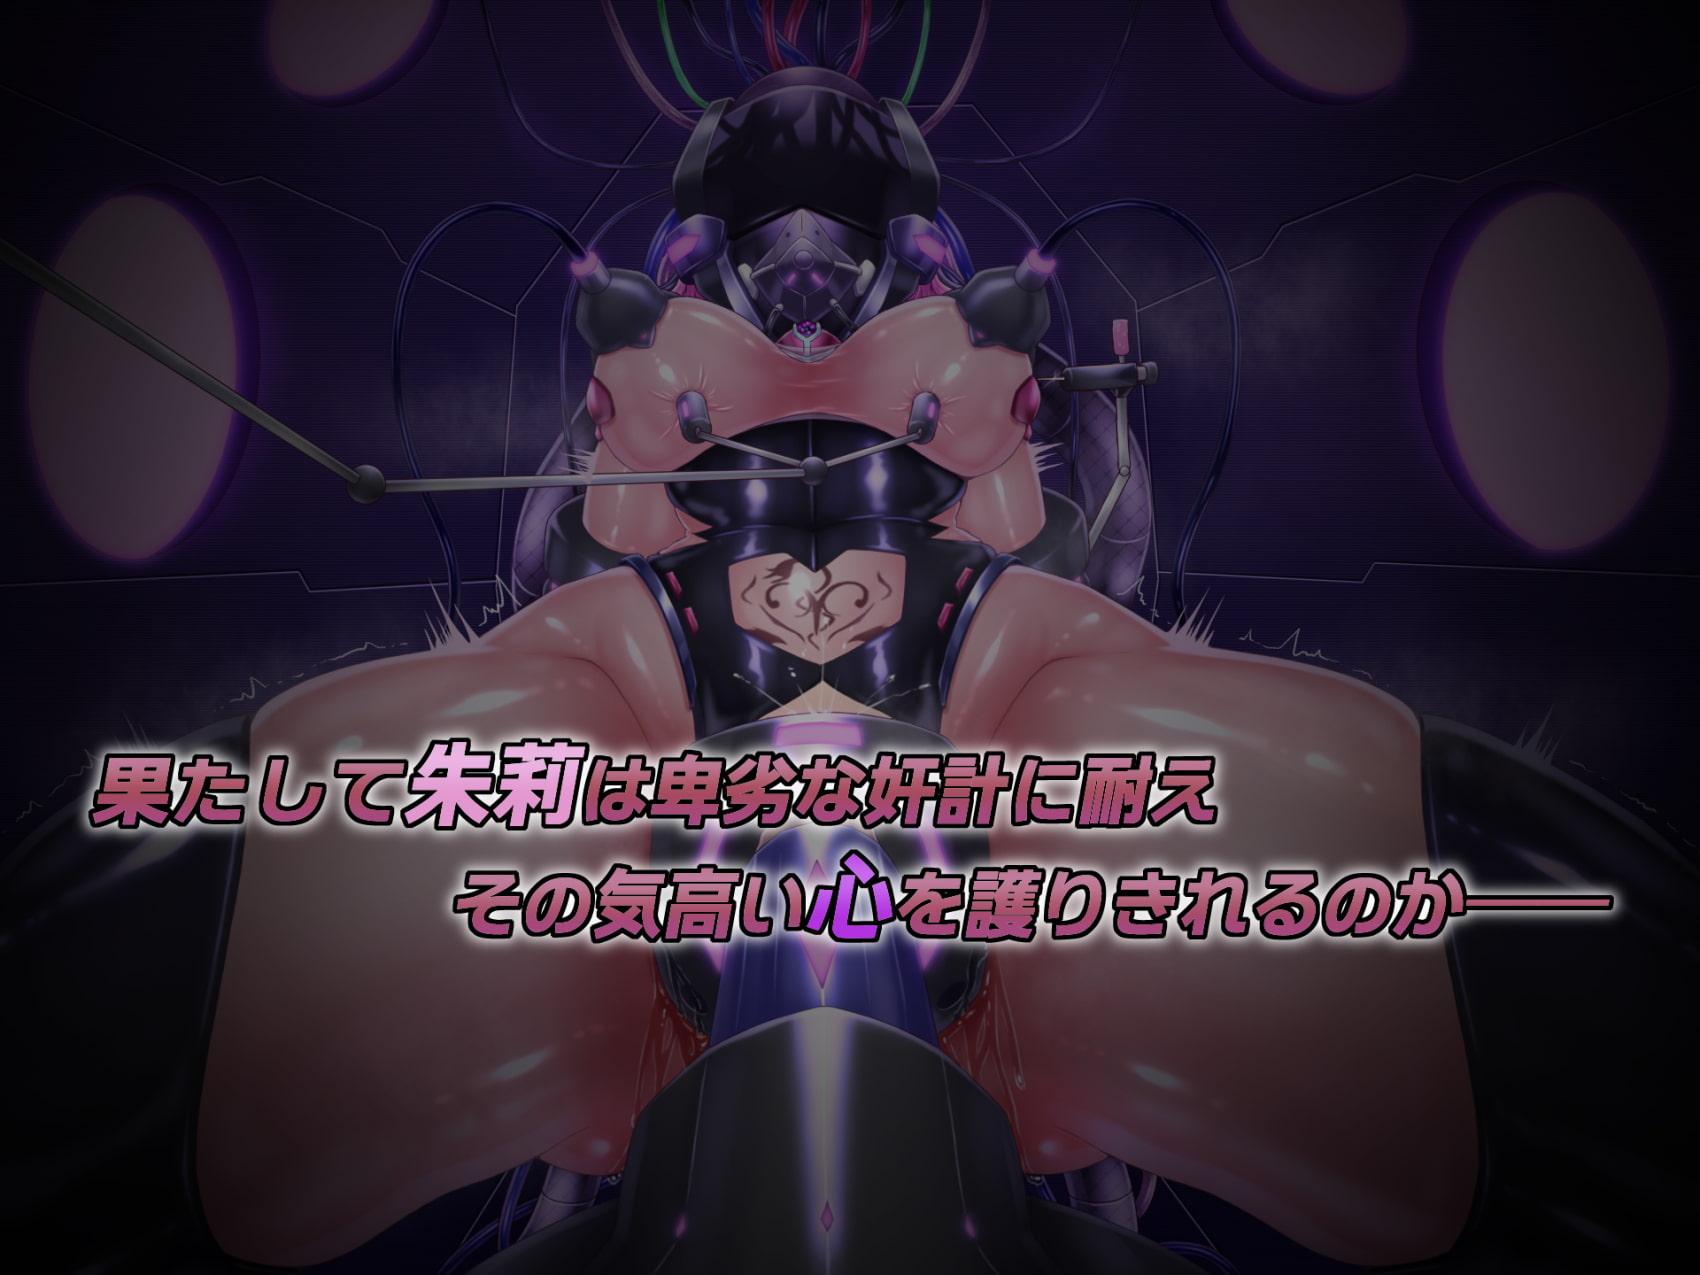 輝装星姫アステリア 悦獄の機装絶頂